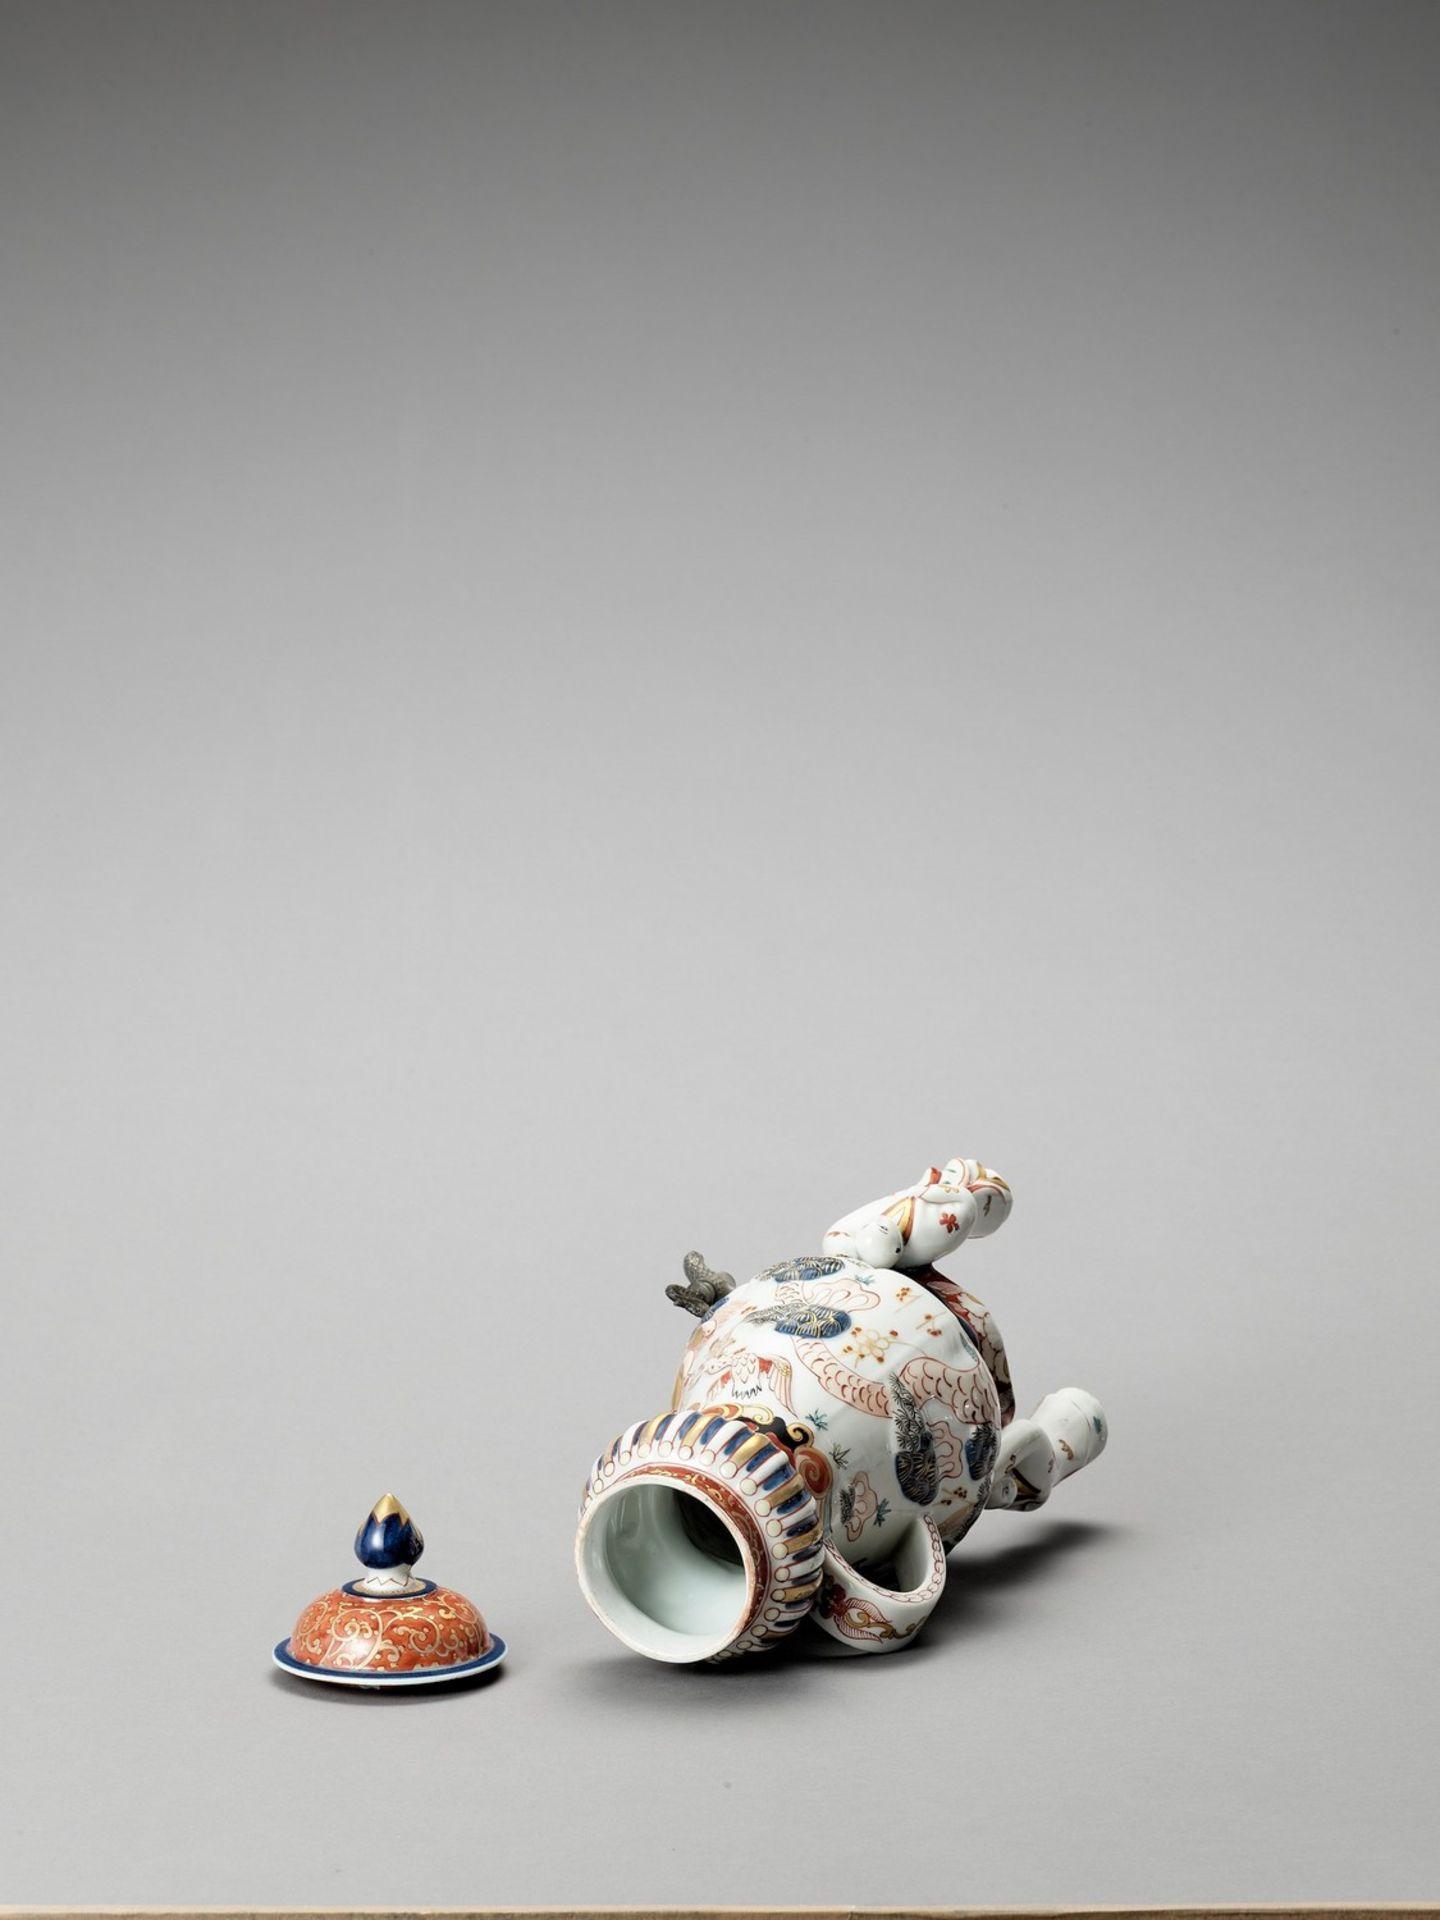 AN IMARI PORCELAIN COFFEE POT - Image 6 of 7